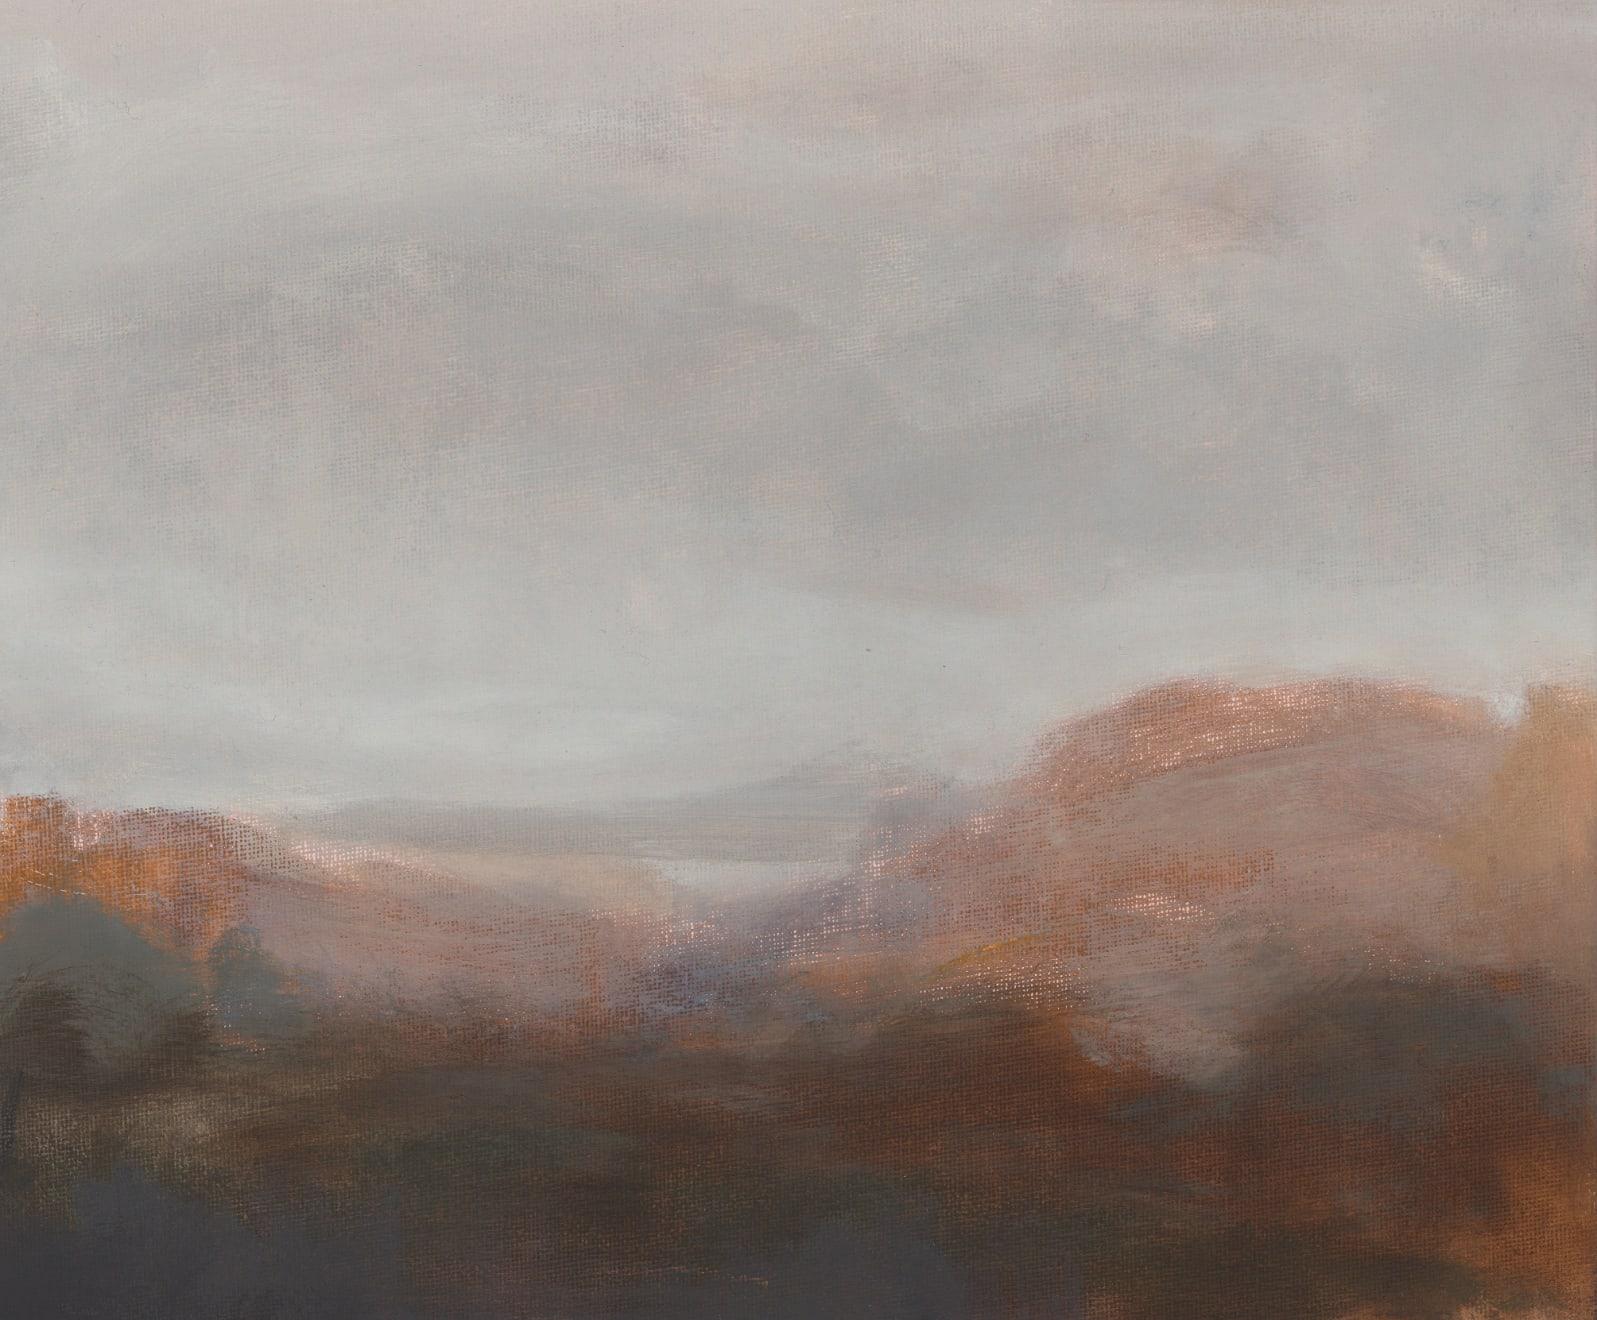 Greg Wood V18 Reimagining 2020 Oil on Canvas Board Original Charcoal Frame 25.5 x 30.5 cm $1100 £550 SOLD